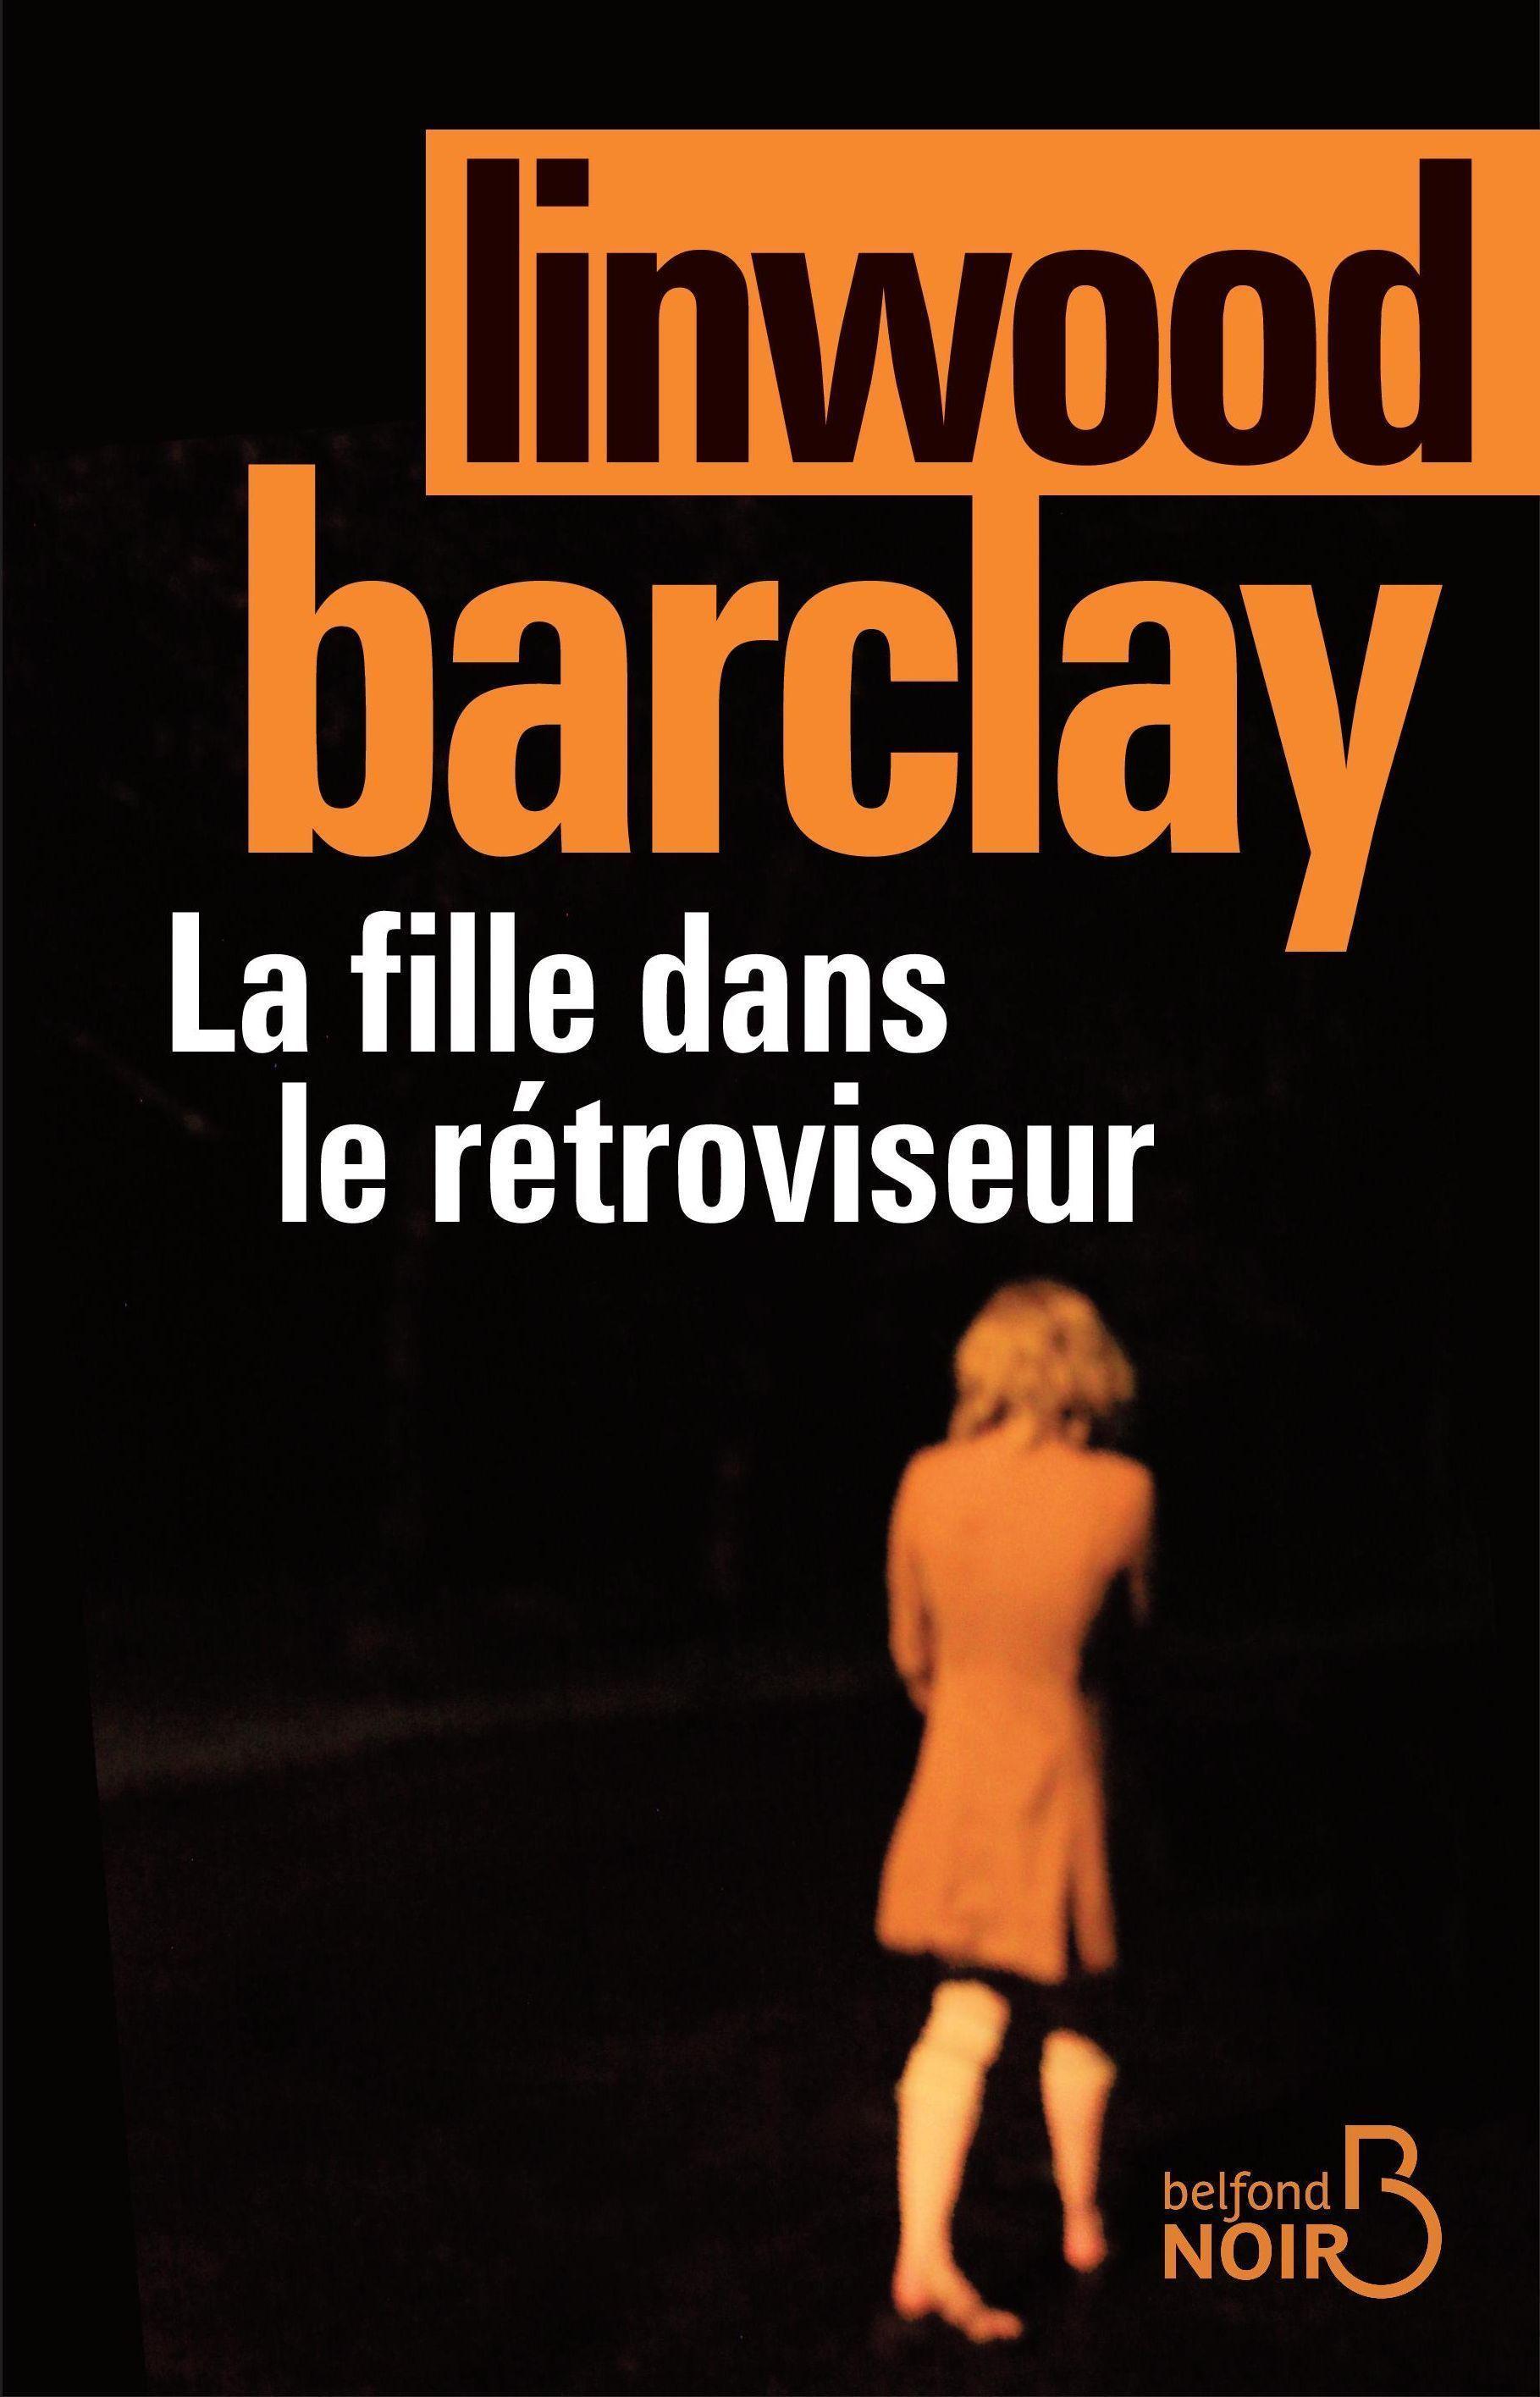 la fille dans le r troviseur de linwood barclay livre neuf et occasion chapitre belgique. Black Bedroom Furniture Sets. Home Design Ideas